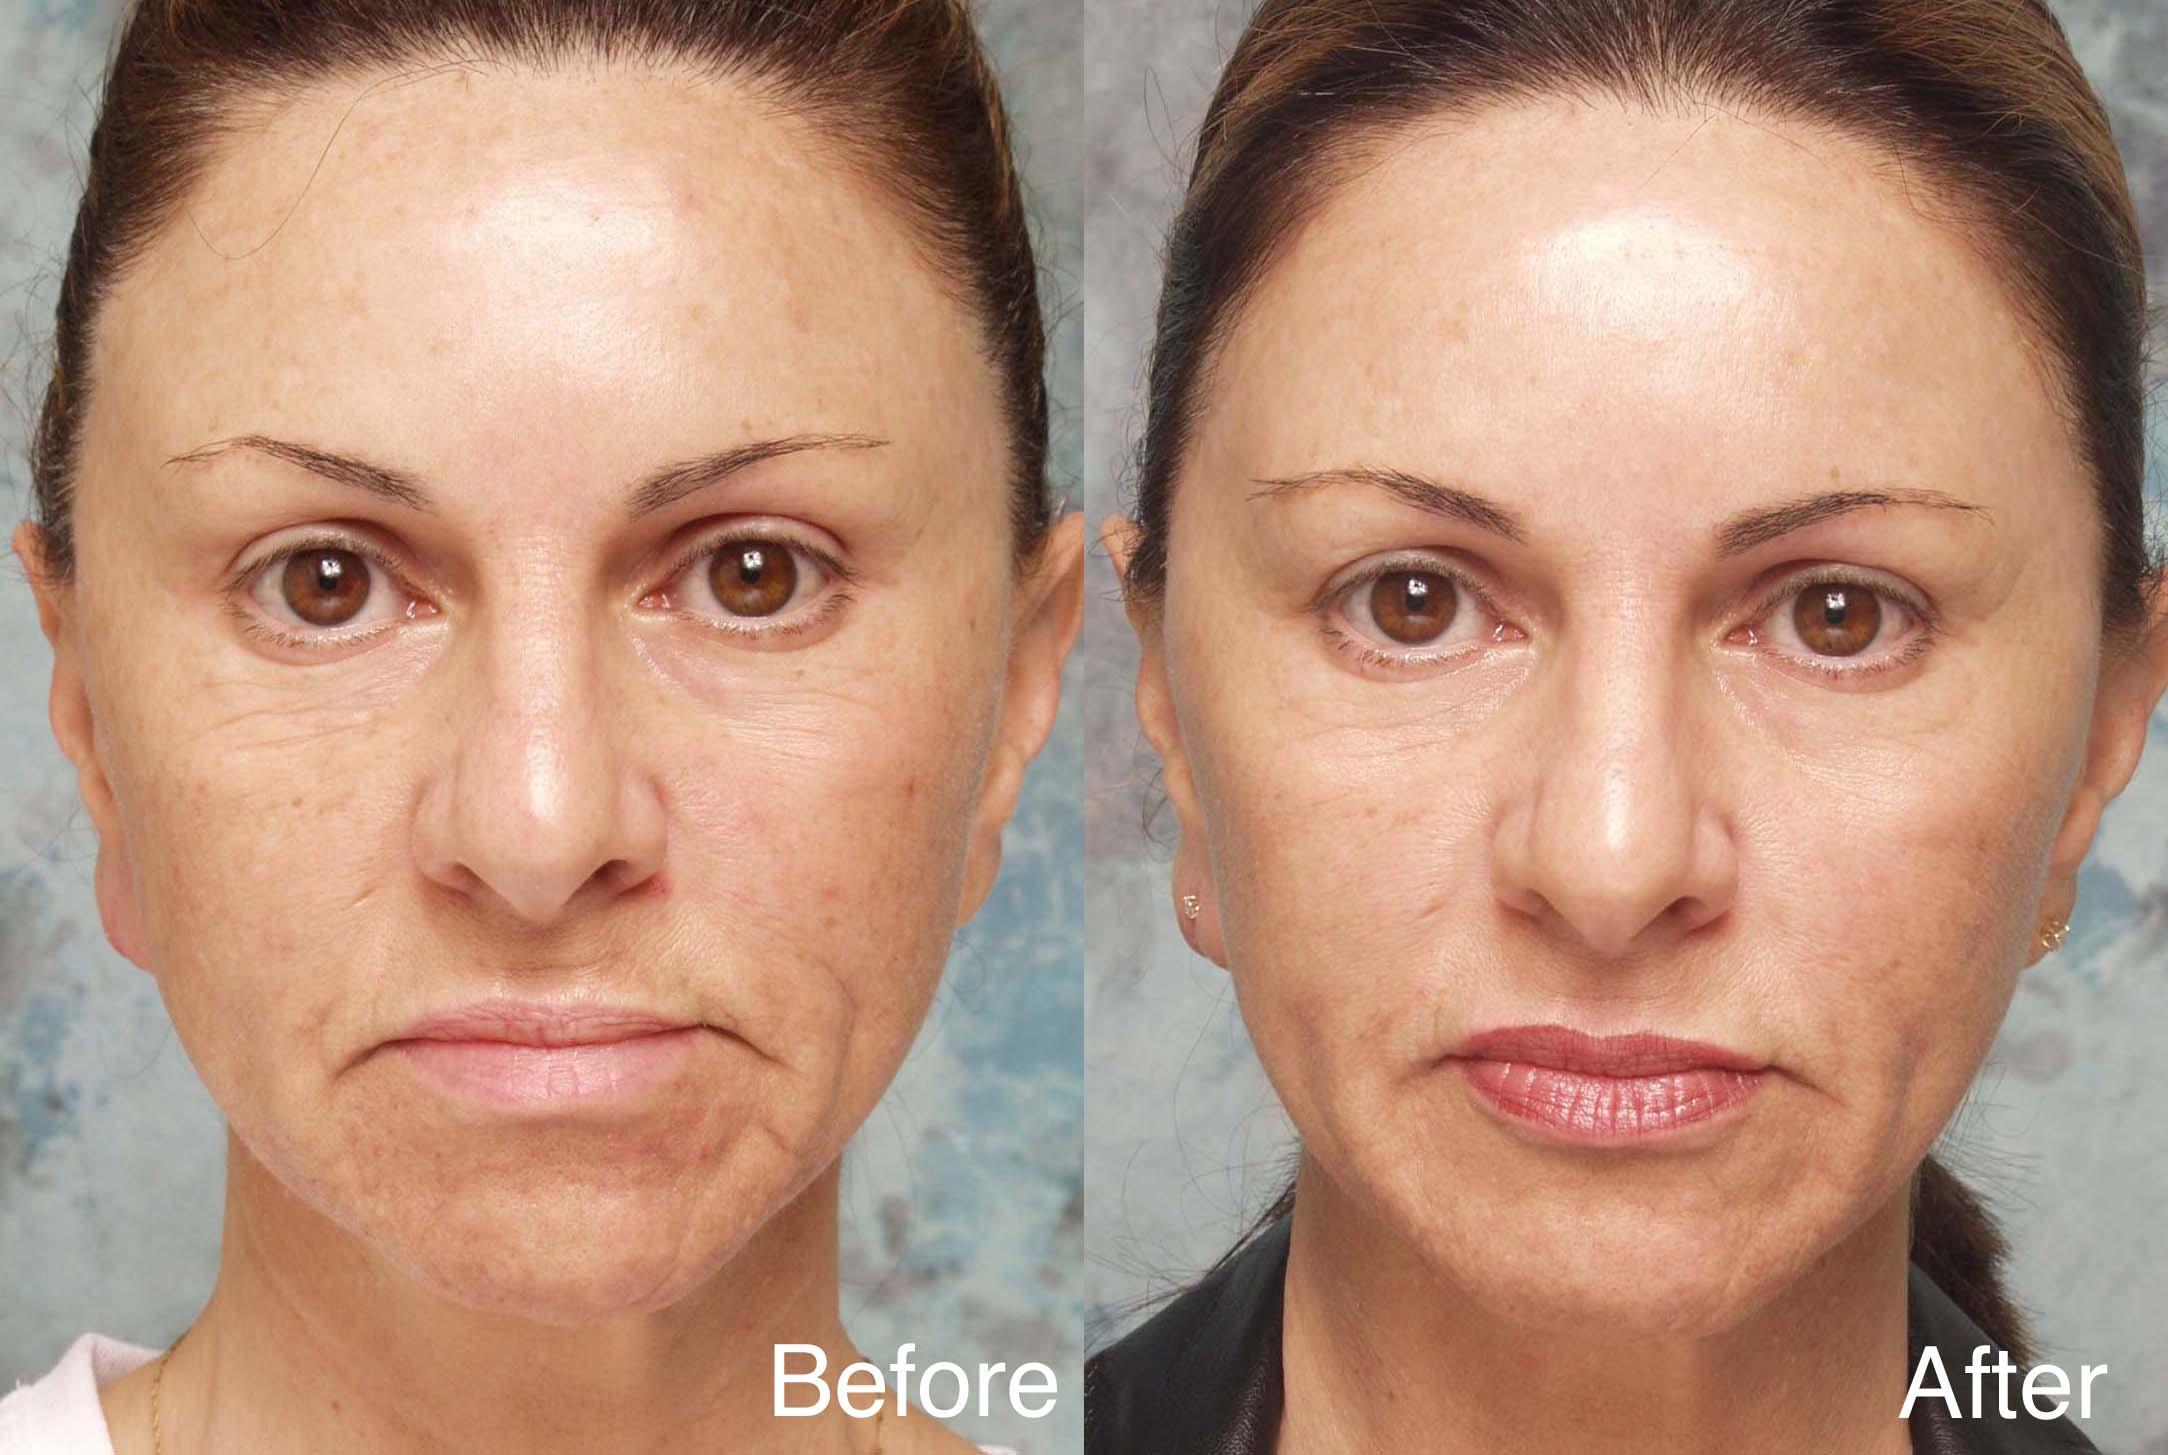 Facial wasting treatment